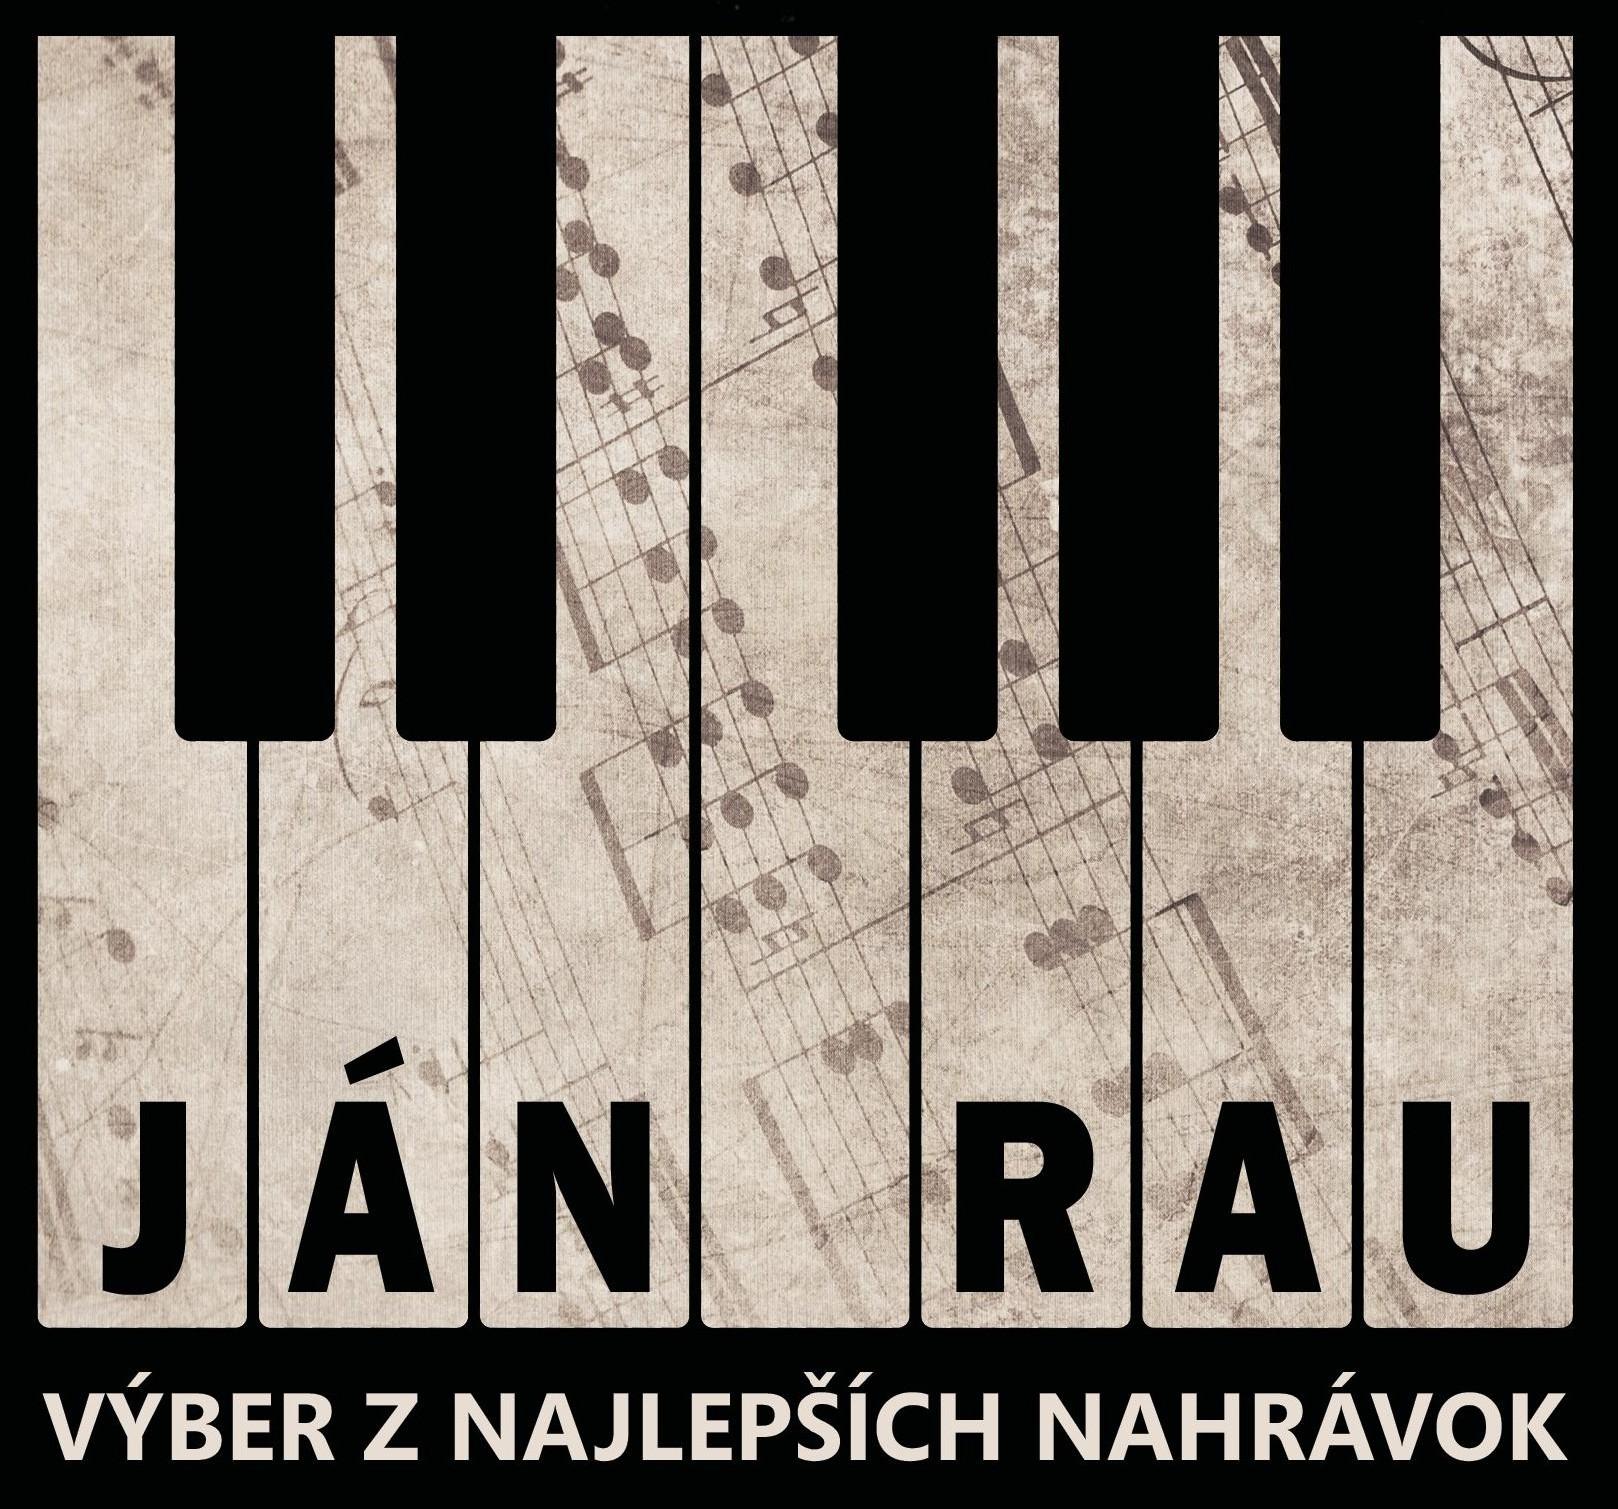 CD RAU JAN VYBER Z NAJLEPSICH NAHRAVOK